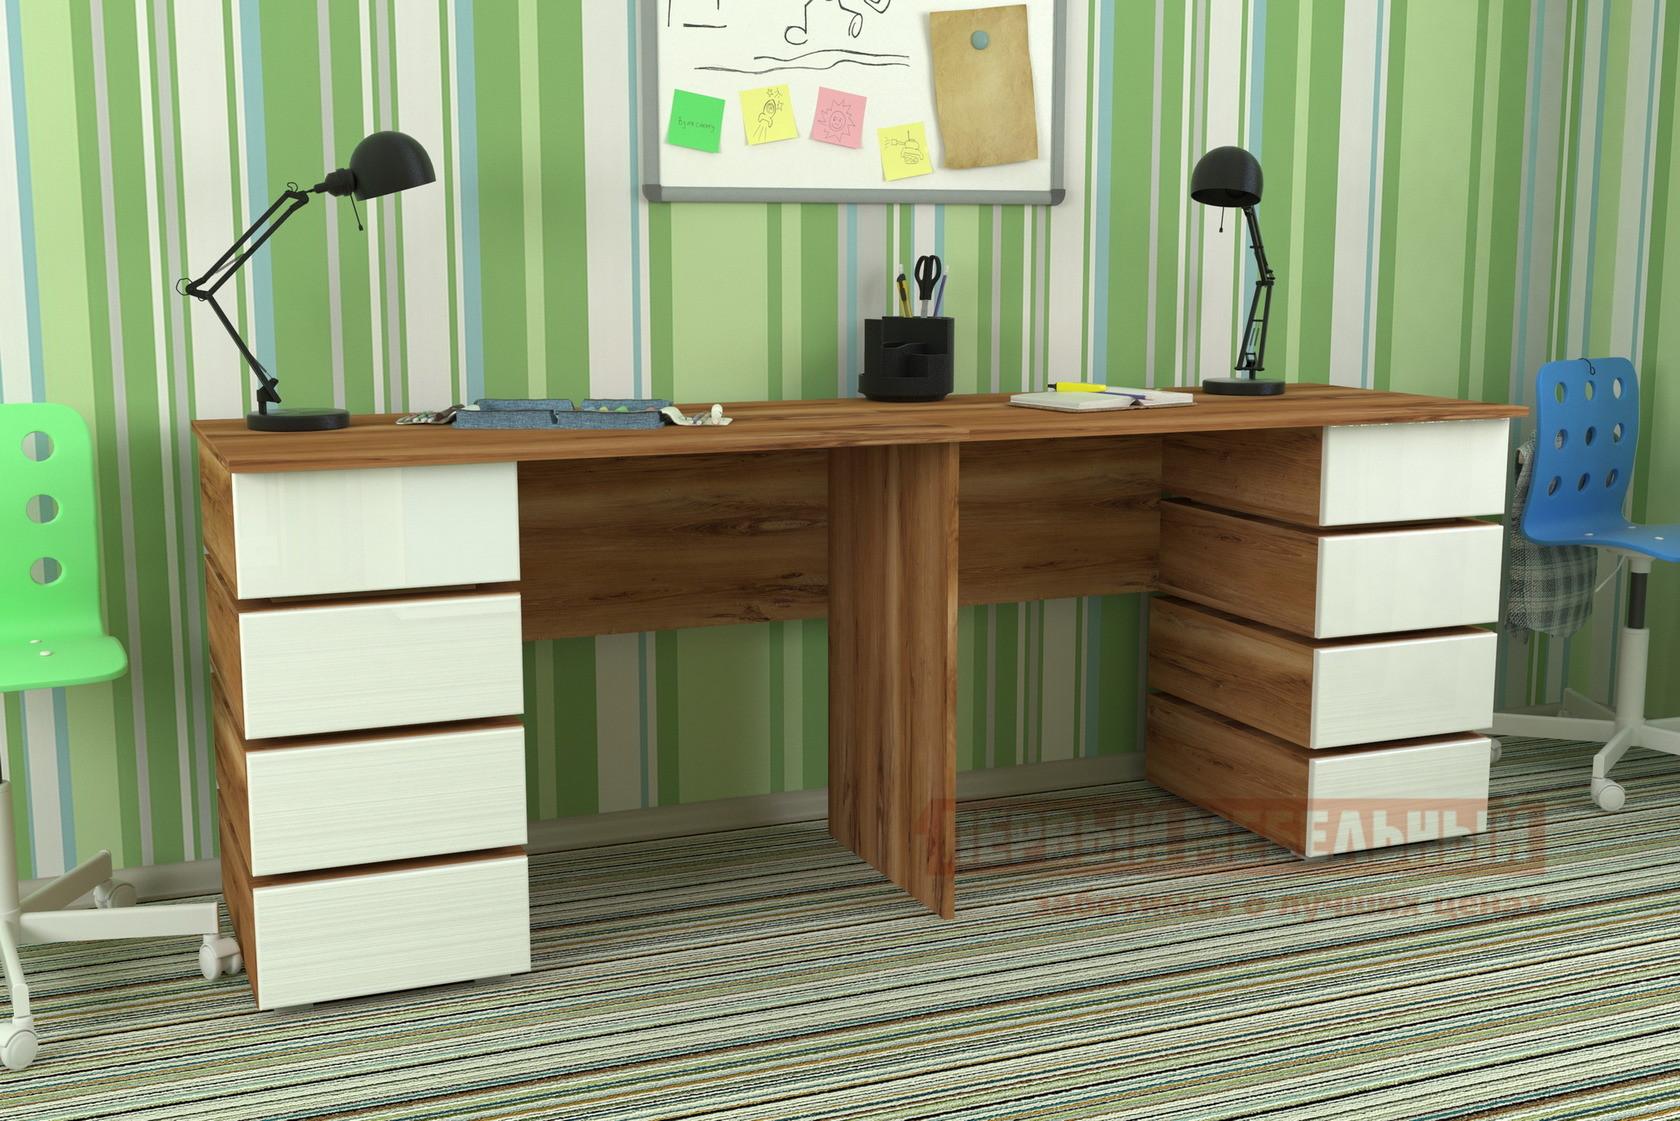 Письменный стол Мебелеф Письменный стол «Мебелеф – 18»